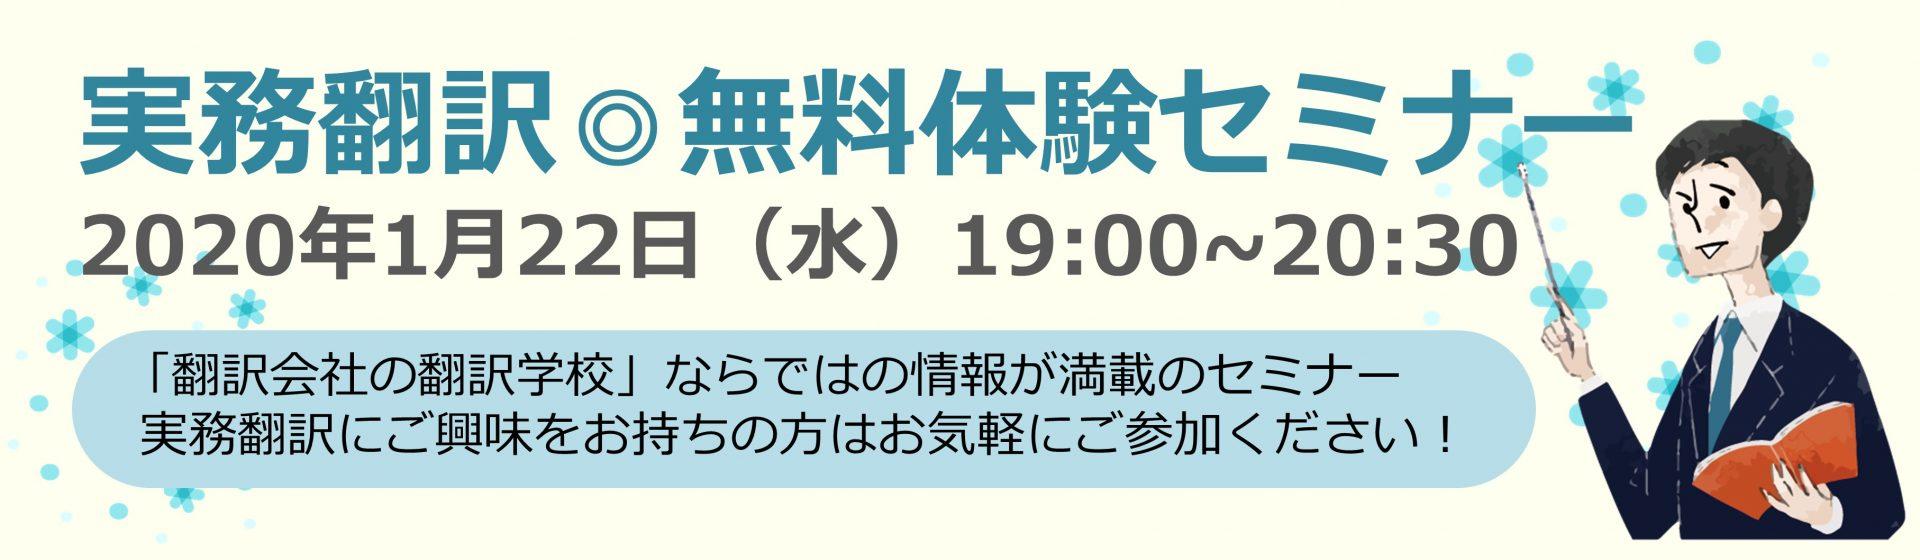 実務翻訳◎無料体験セミナー 2020年1月22日(水)開催!!